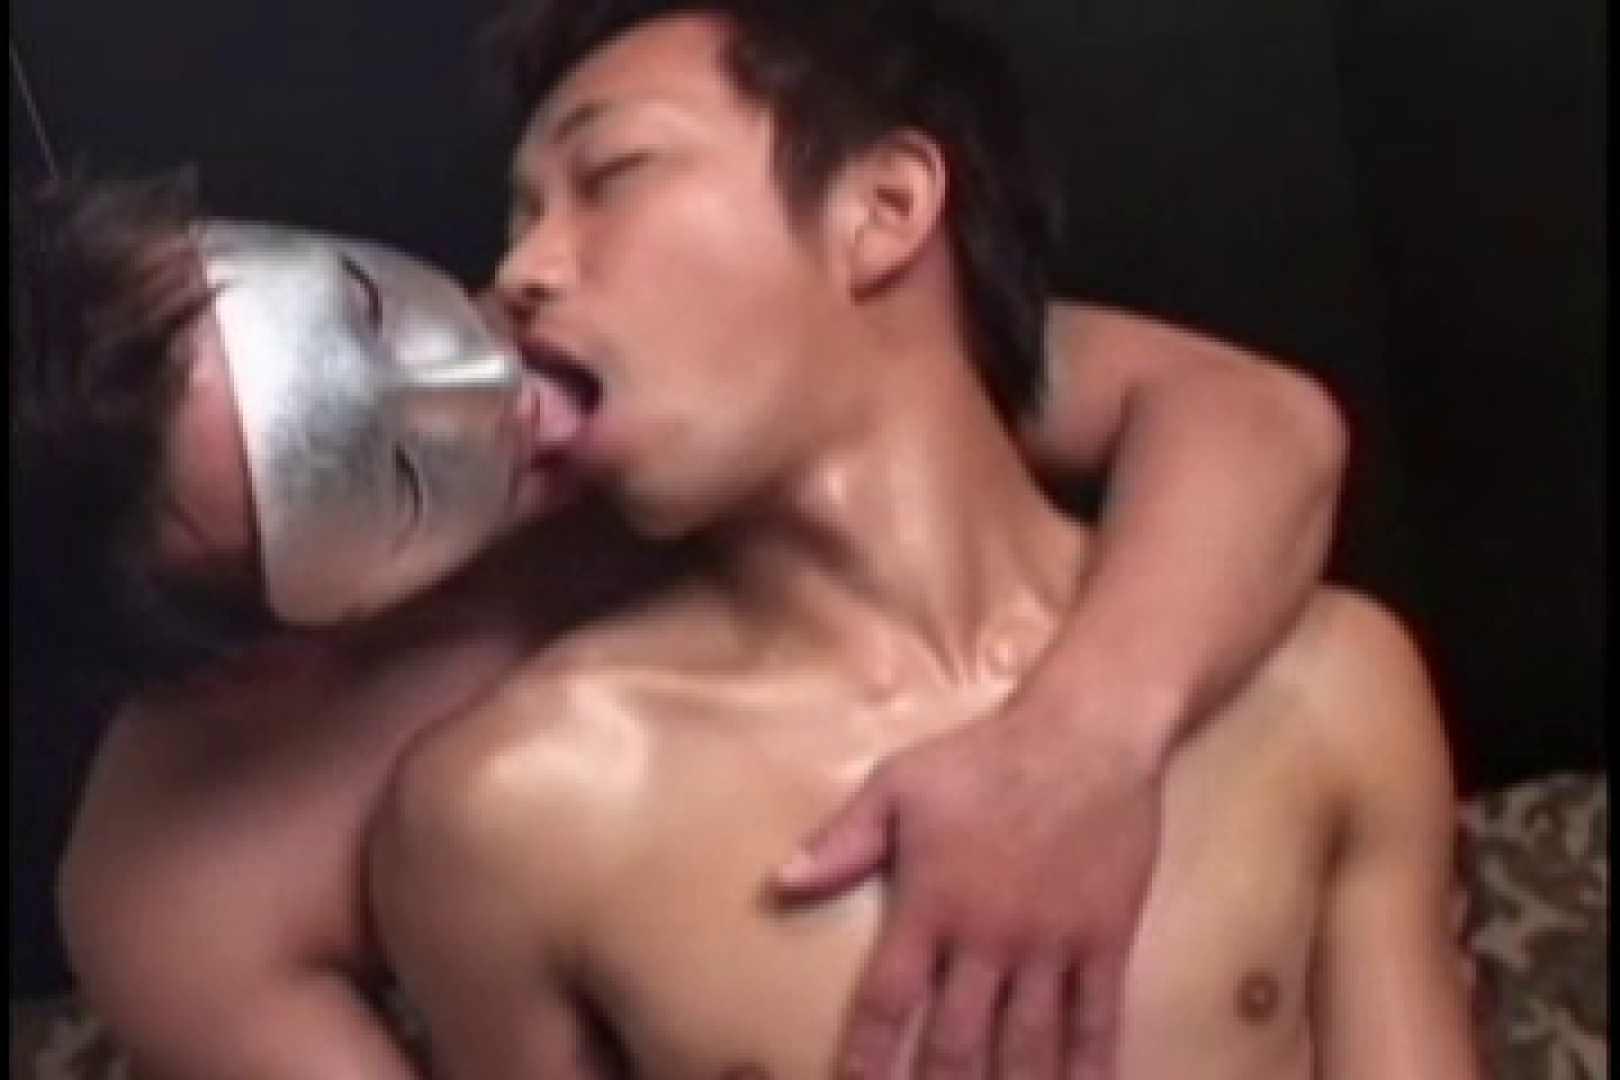 スリ筋!!スポメンのDANKON最高!!take.03 ディープキス ゲイセックス画像 85枚 38